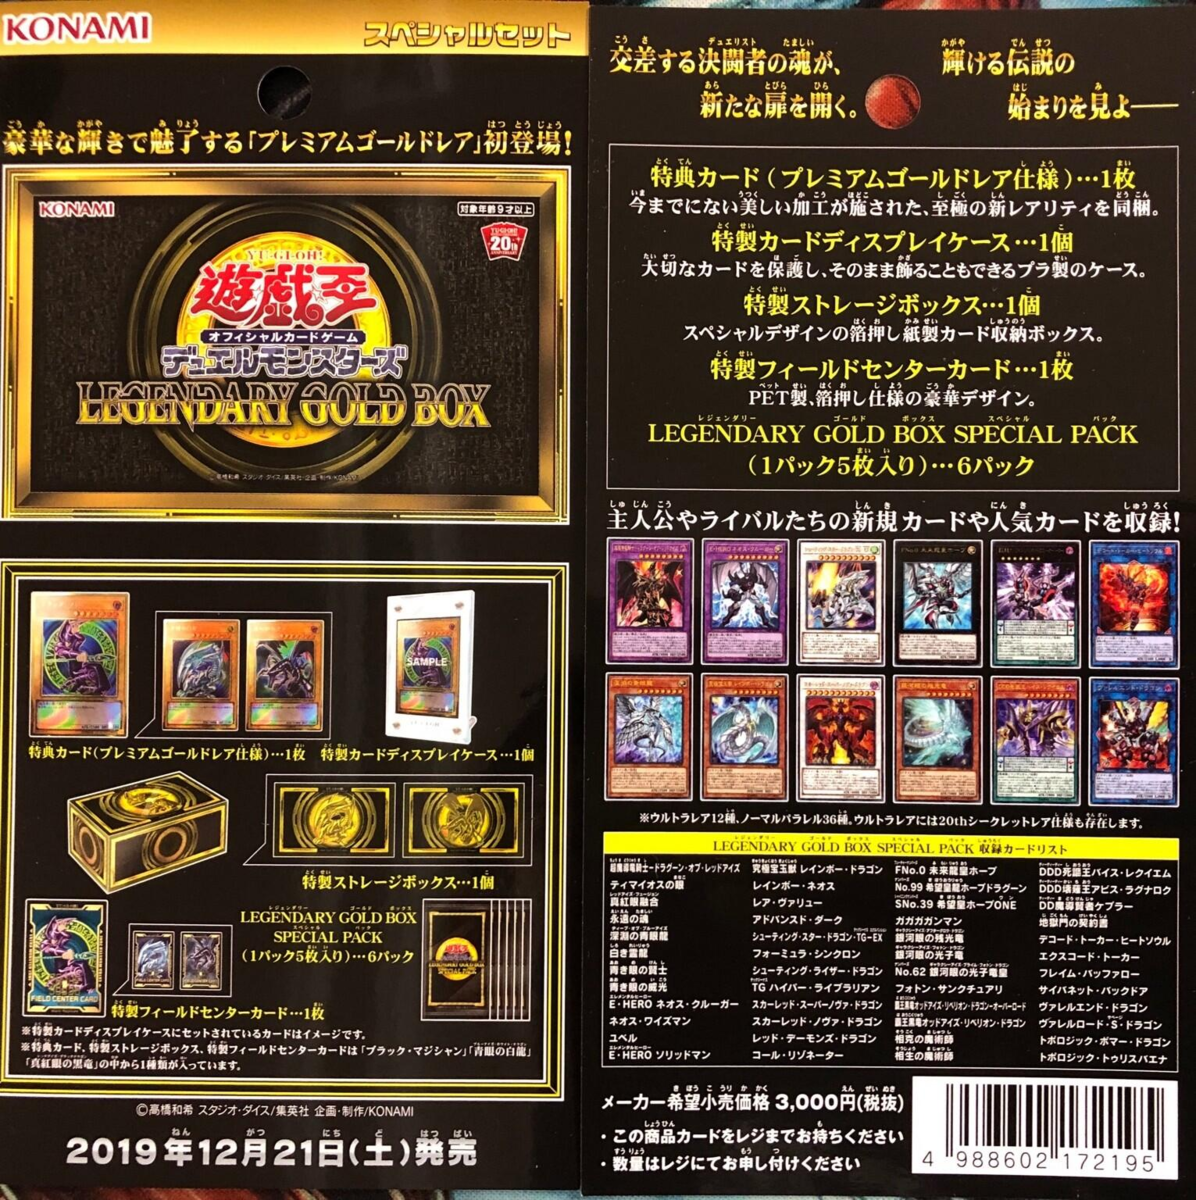 【レジェンダリーゴールドボックス】全収録カードが判明!収録カードリスト・当たり・おすすめシングルを紹介!|LEGENDARYGOLDBOX